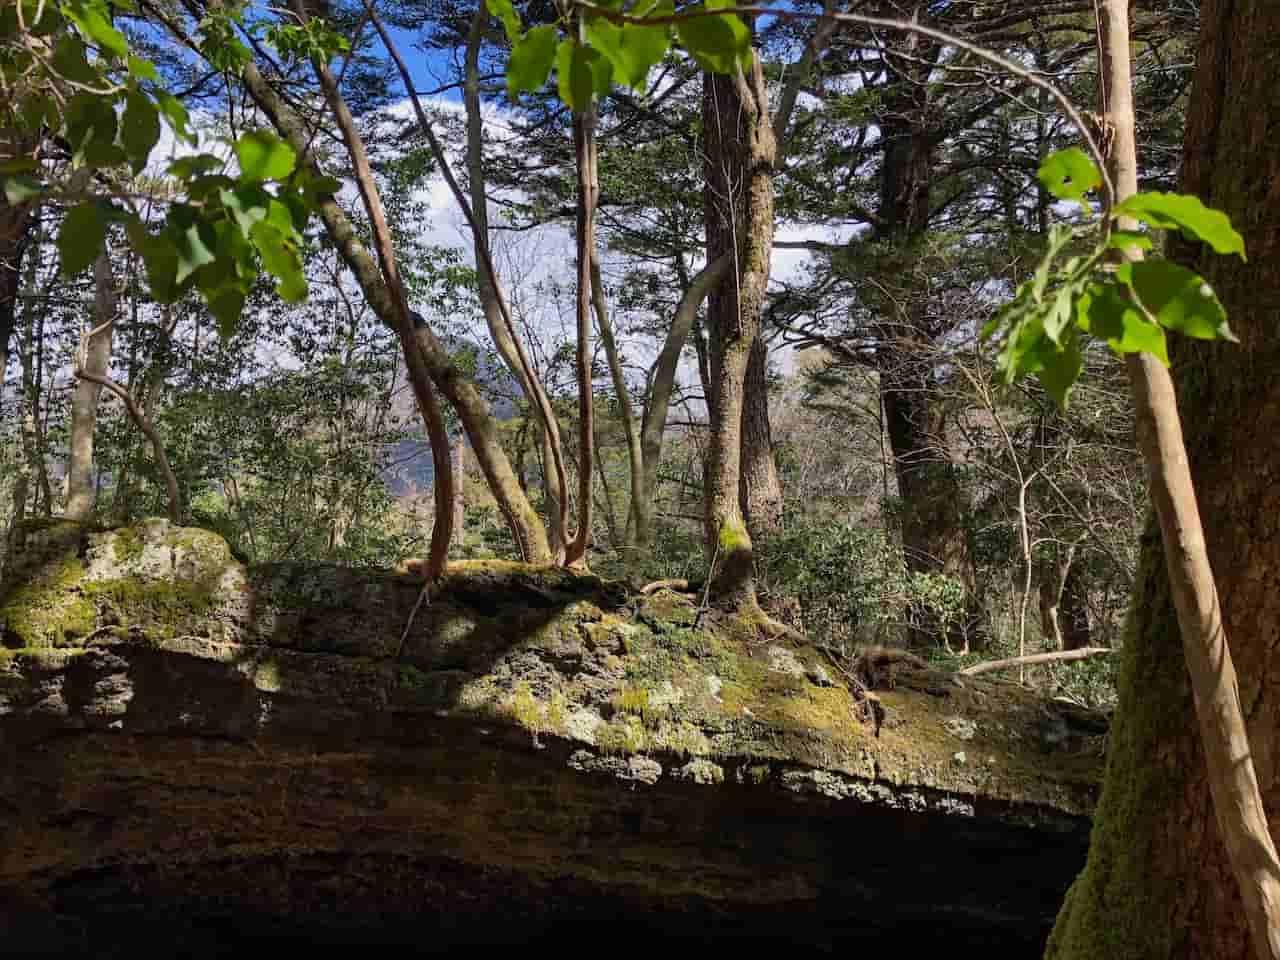 青木ヶ原樹海の溶岩流とその上の土壌